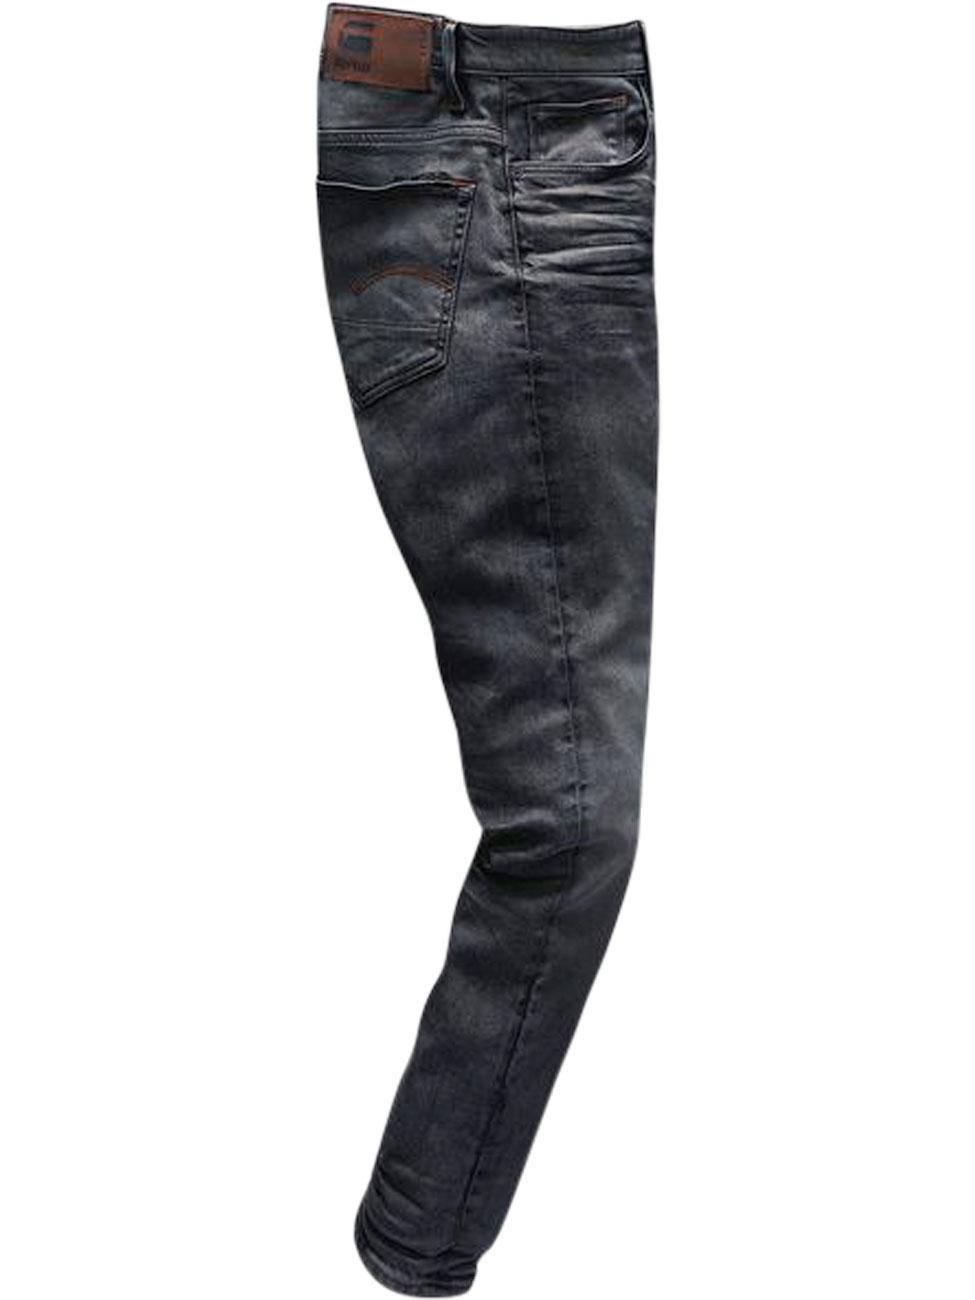 g-star-herren-jeans-3301-slim-fit-schwarz-dark-aged-cobler, 119.95 EUR @ jeans